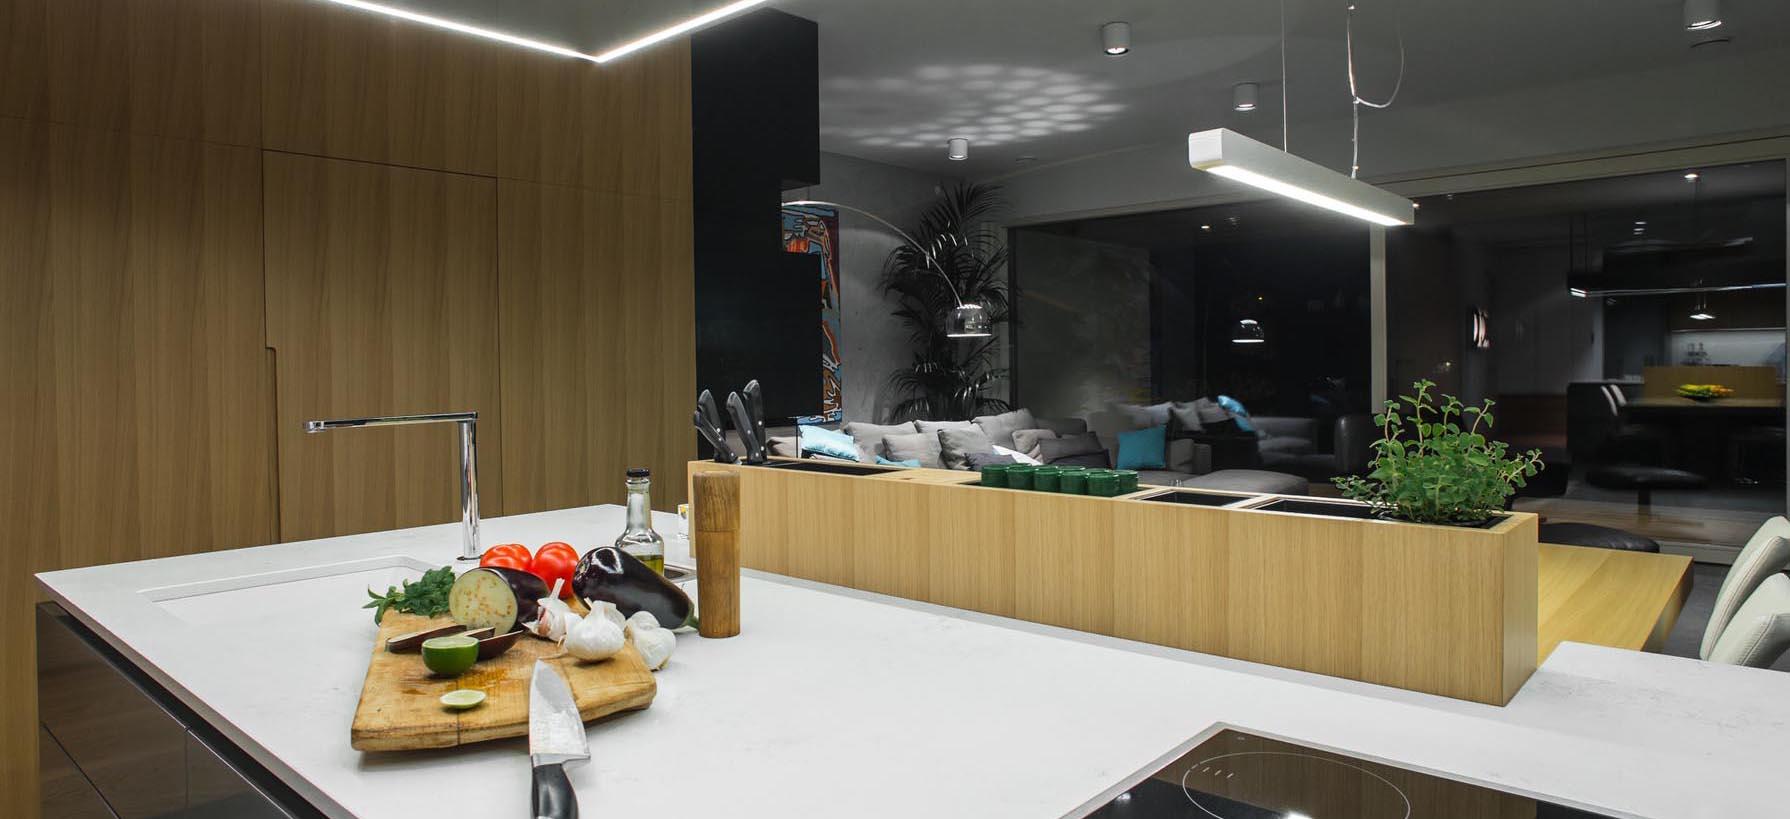 Delovna površina v kuhinji